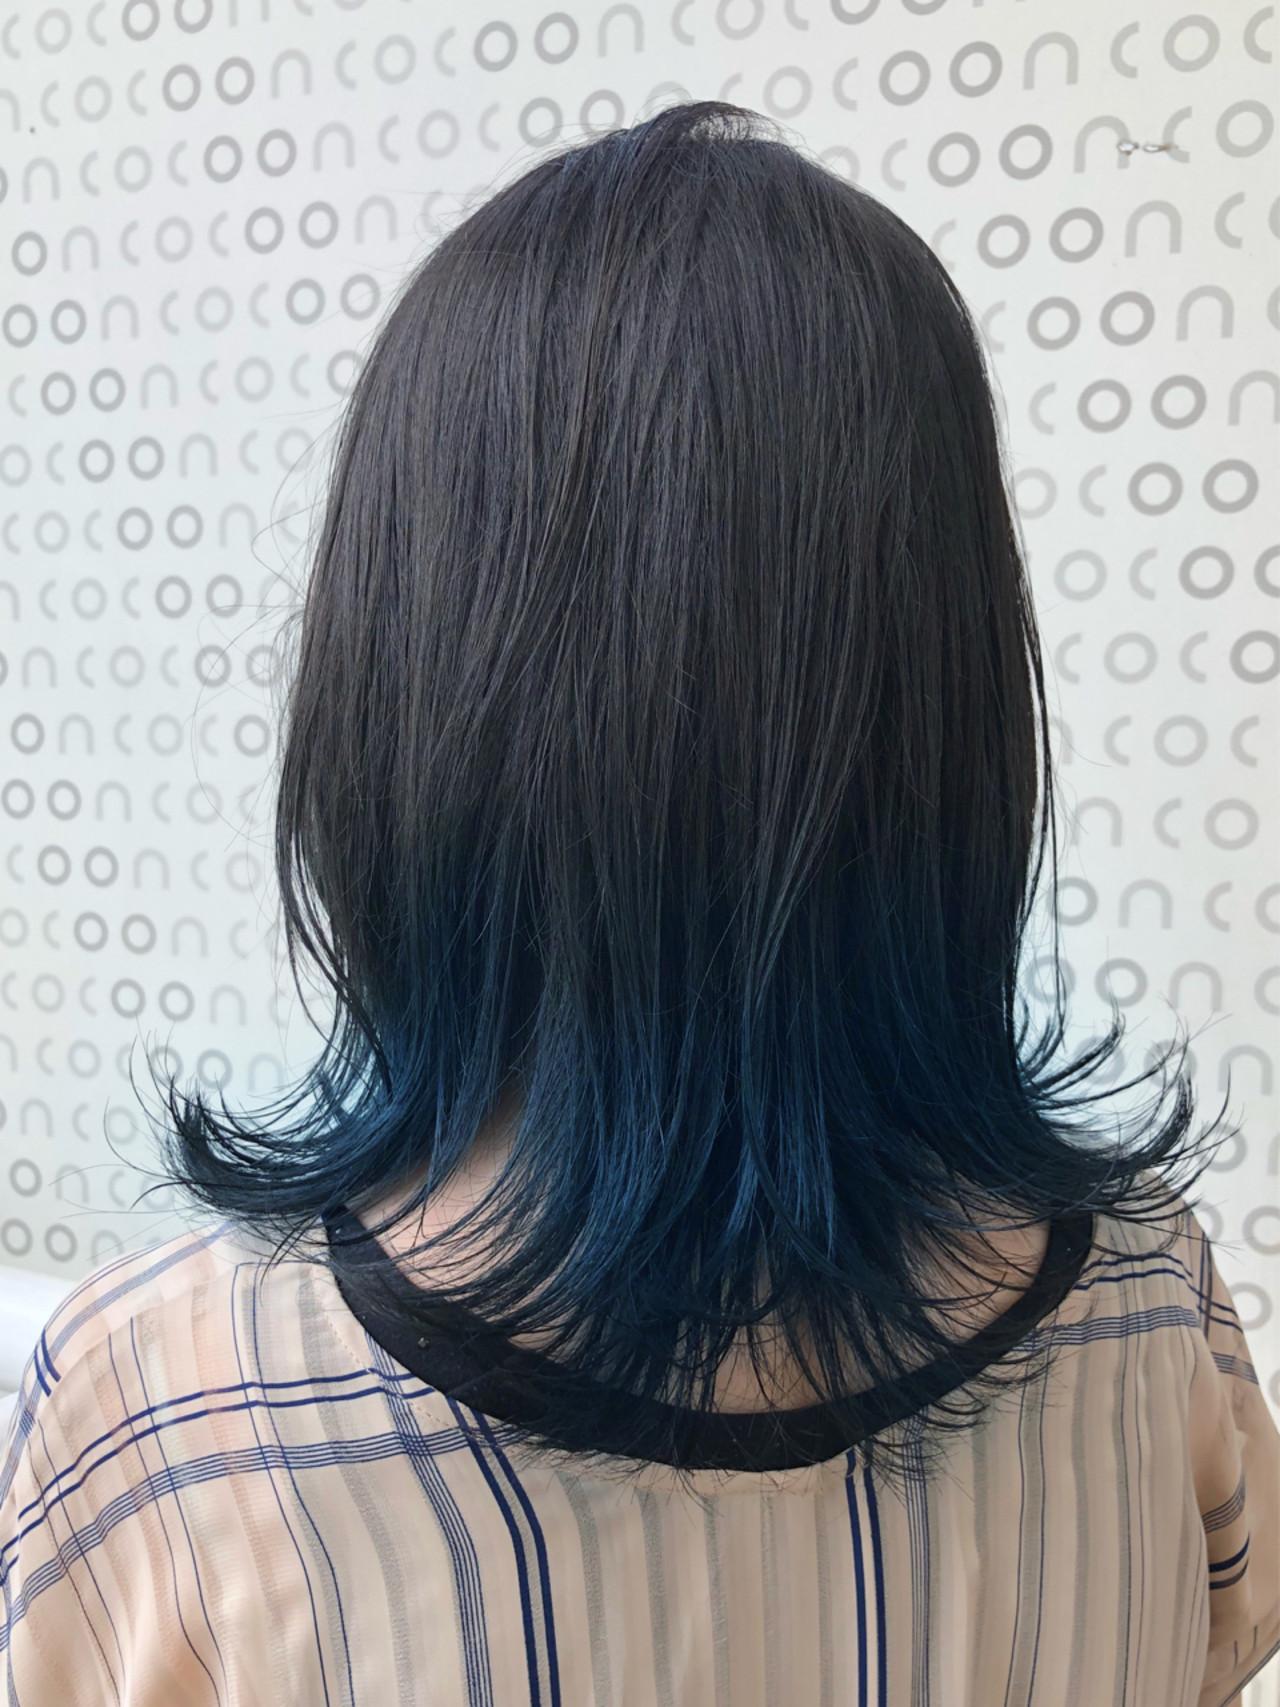 ブルー ストリート ミディアム スポーツヘアスタイルや髪型の写真・画像